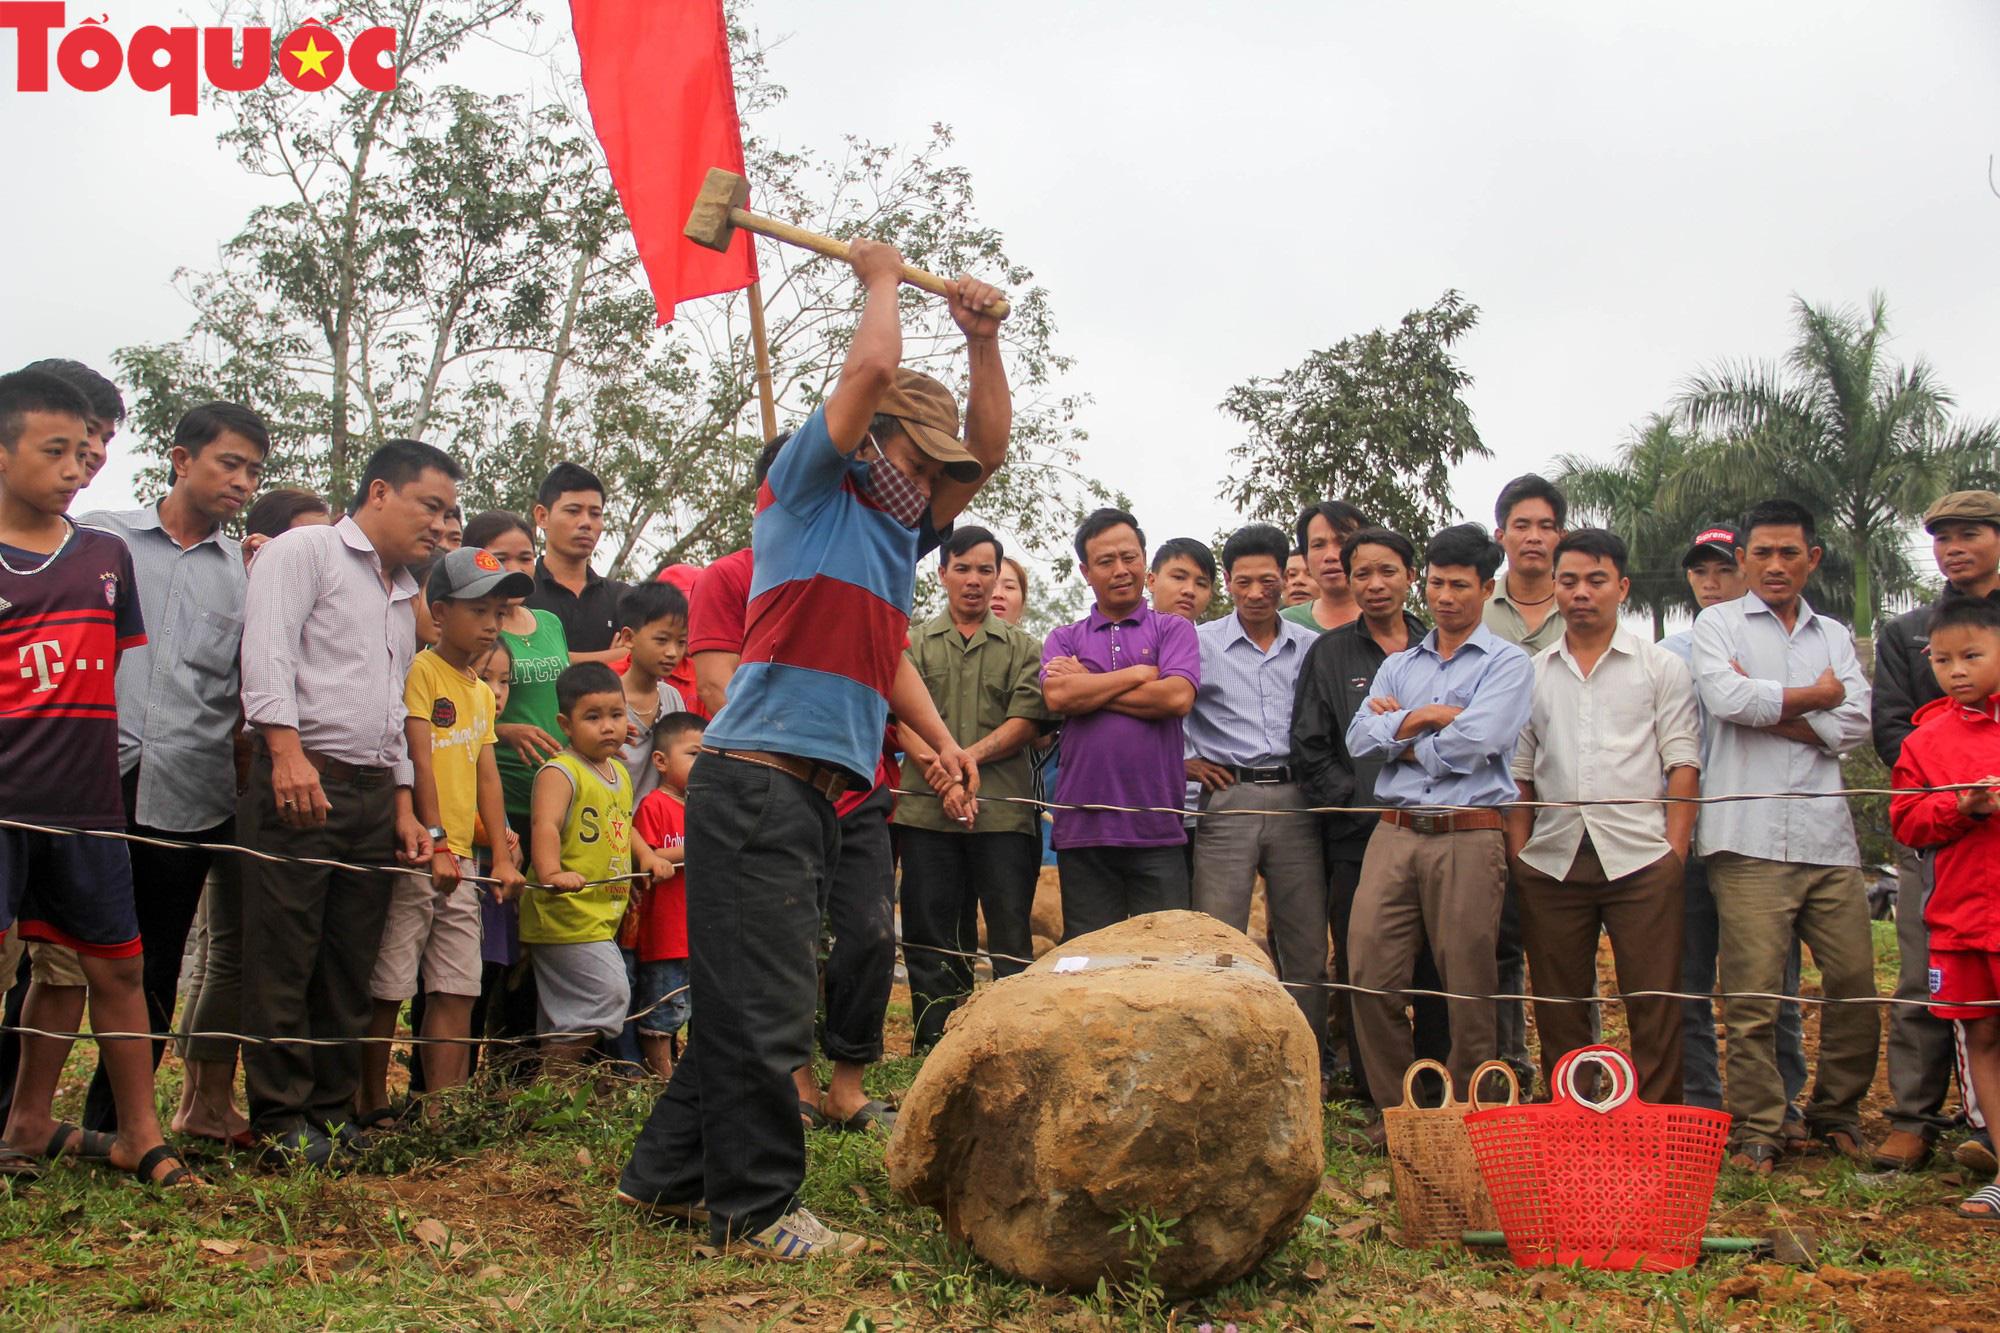 Độc đáo hội thi chẻ đá mồ côi ở Quảng Trị - Ảnh 4.